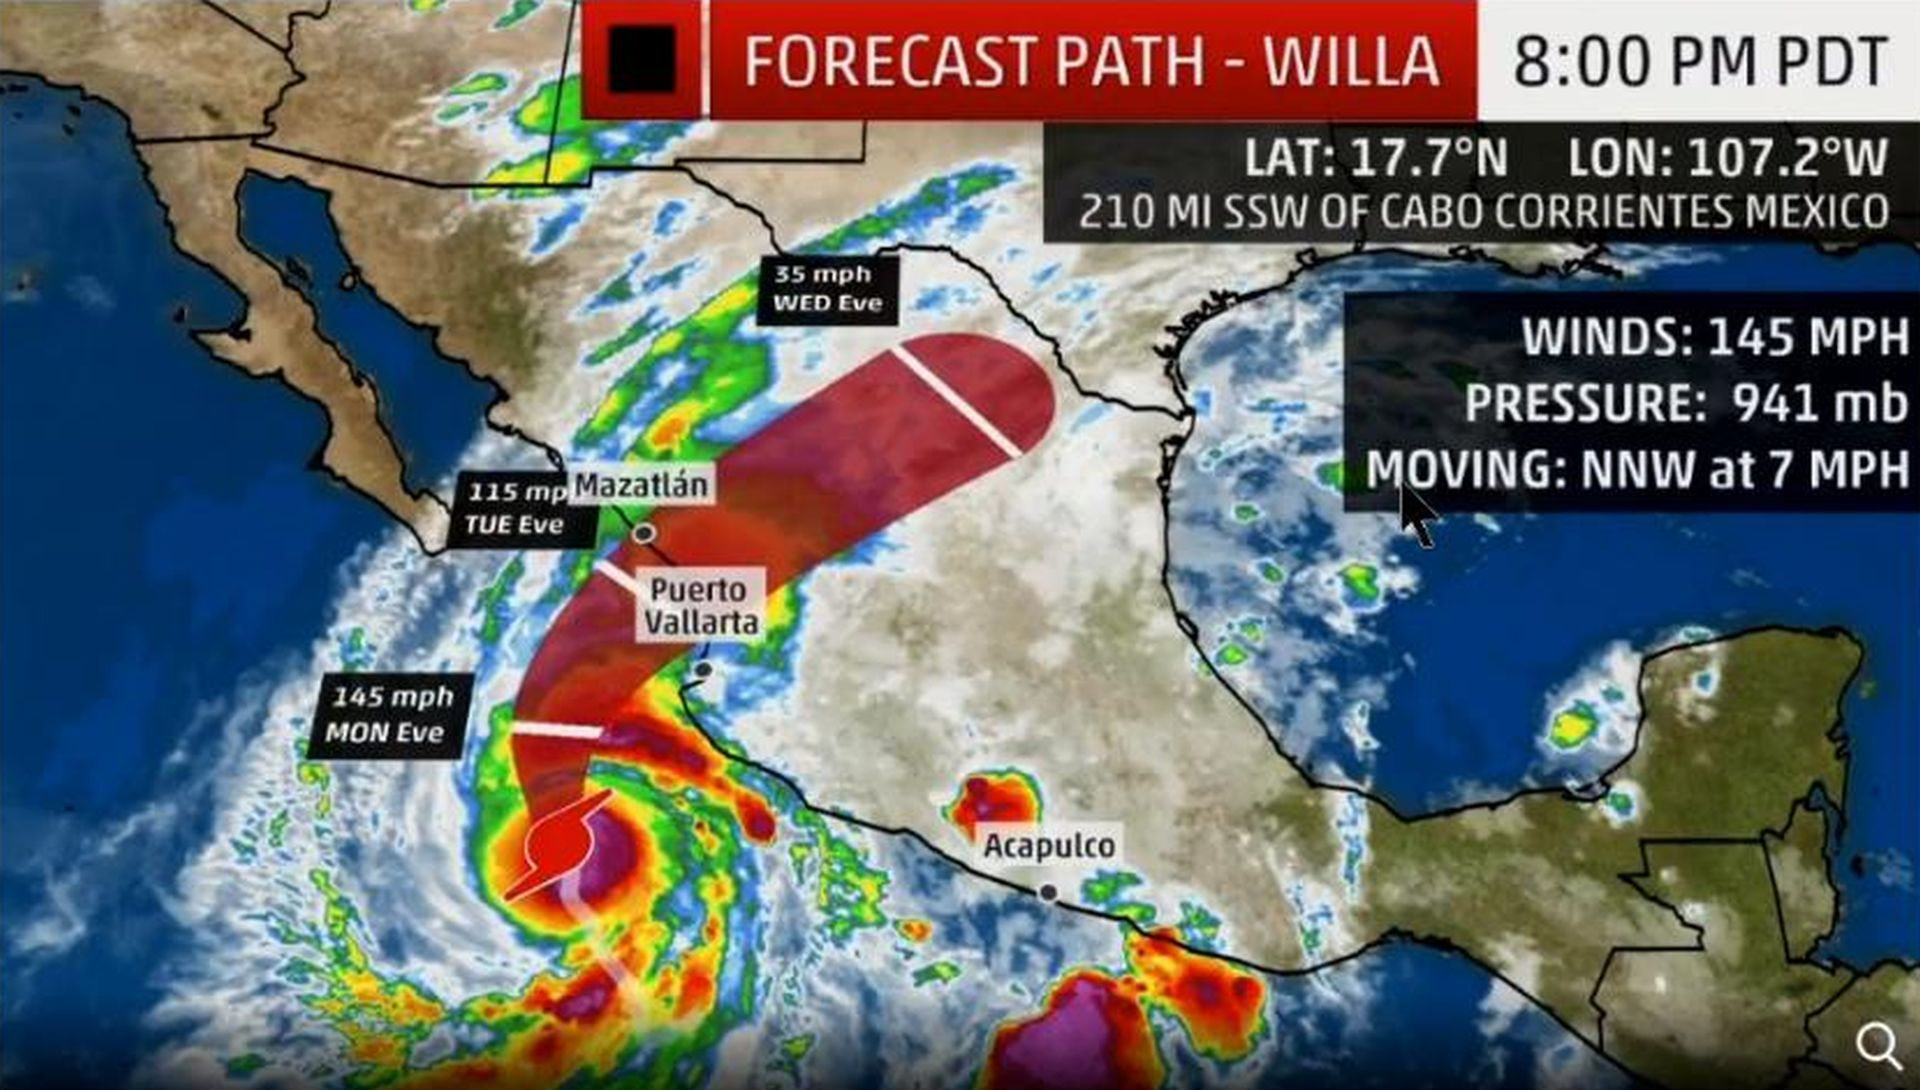 Ojačao uragan Willa i prijeti meksičkoj pacifičkoj obali